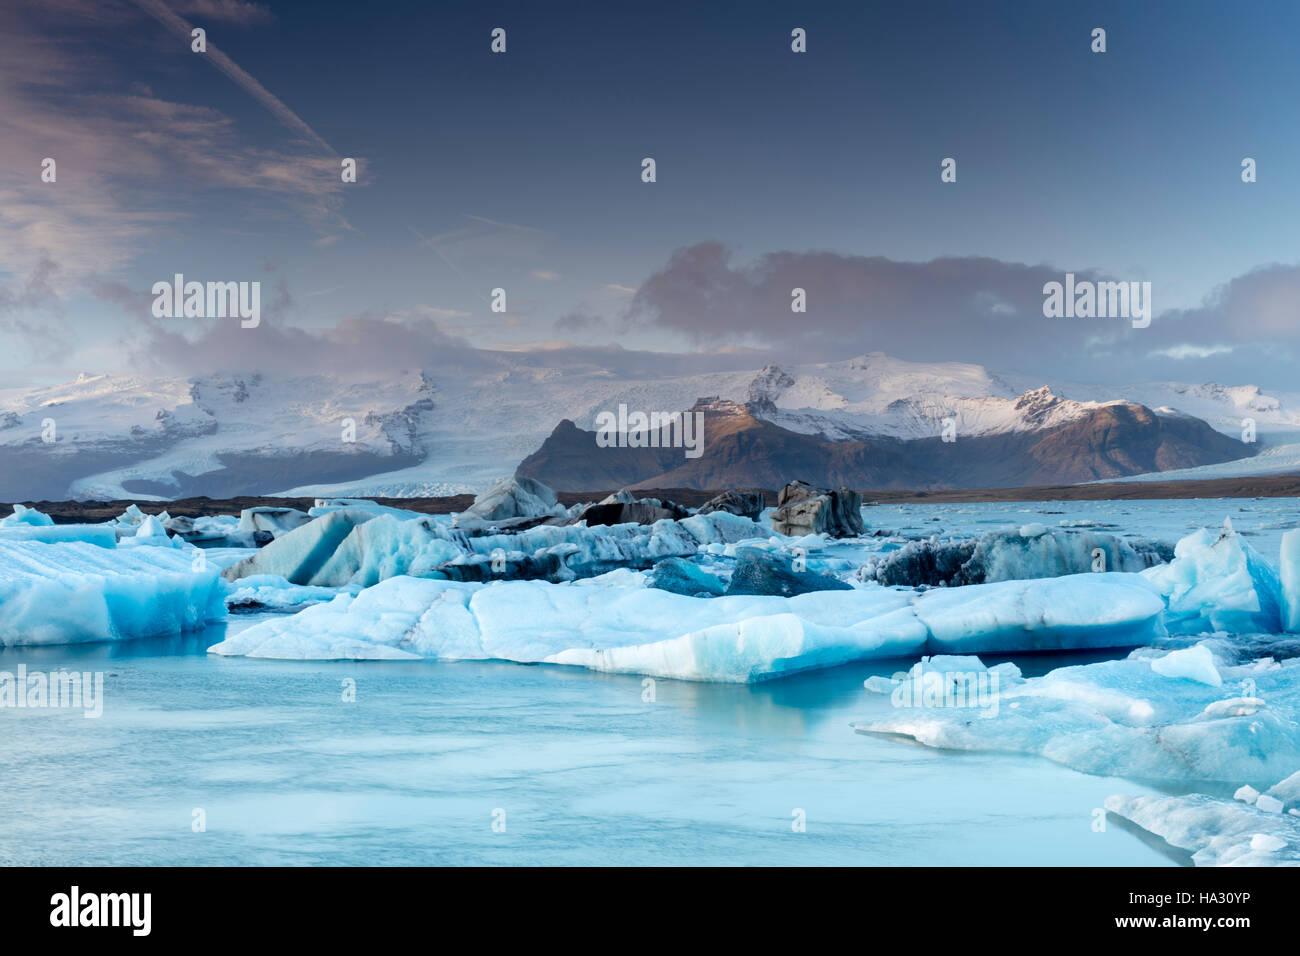 Icebergs en un lago glacial Jokulsarlon, en el sureste de Islandia, en el borde del Parque Nacional Vatnajokull Imagen De Stock